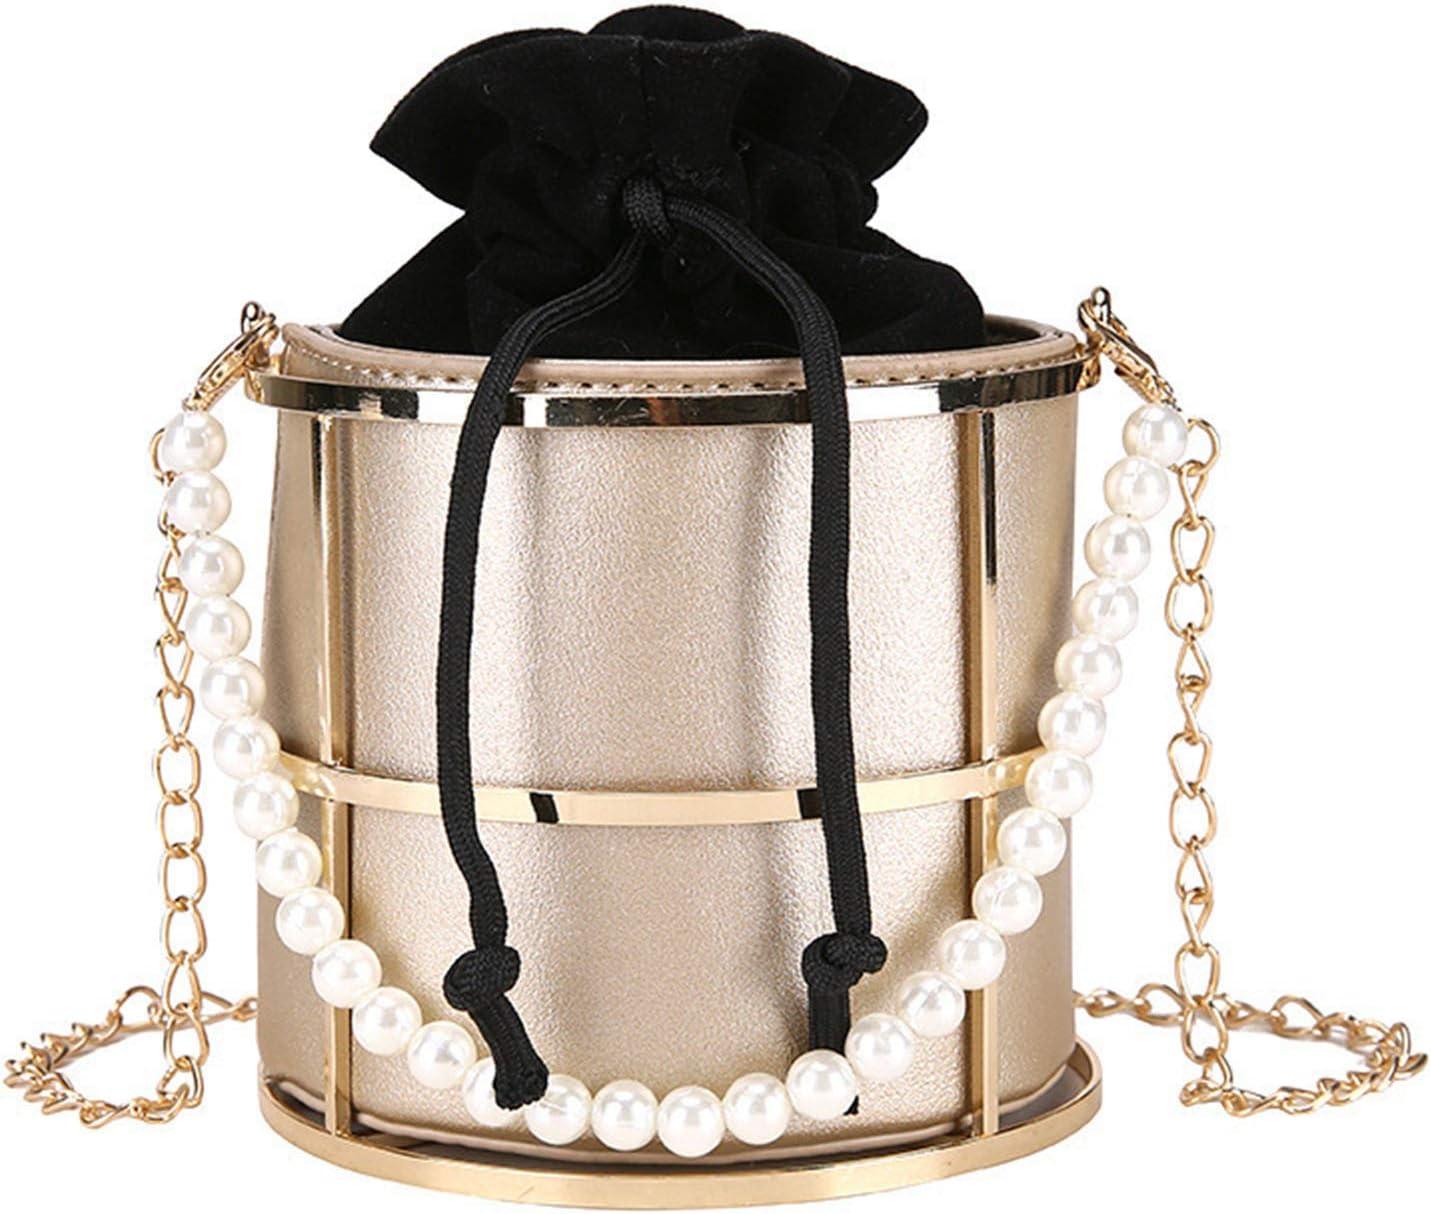 SUCHUANGUANG Bolso de Noche Ahuecado para Mujer, Bolsos de Mano para Boda, graduación, Fiesta de cumpleaños, Bolso de Noche Dorado